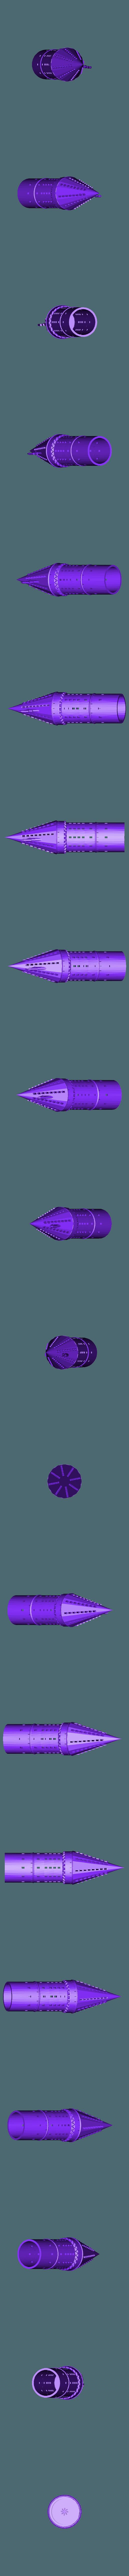 Grand_Staircase_Tower.STL Télécharger fichier STL gratuit École Poudlard • Plan imprimable en 3D, Urgnarb